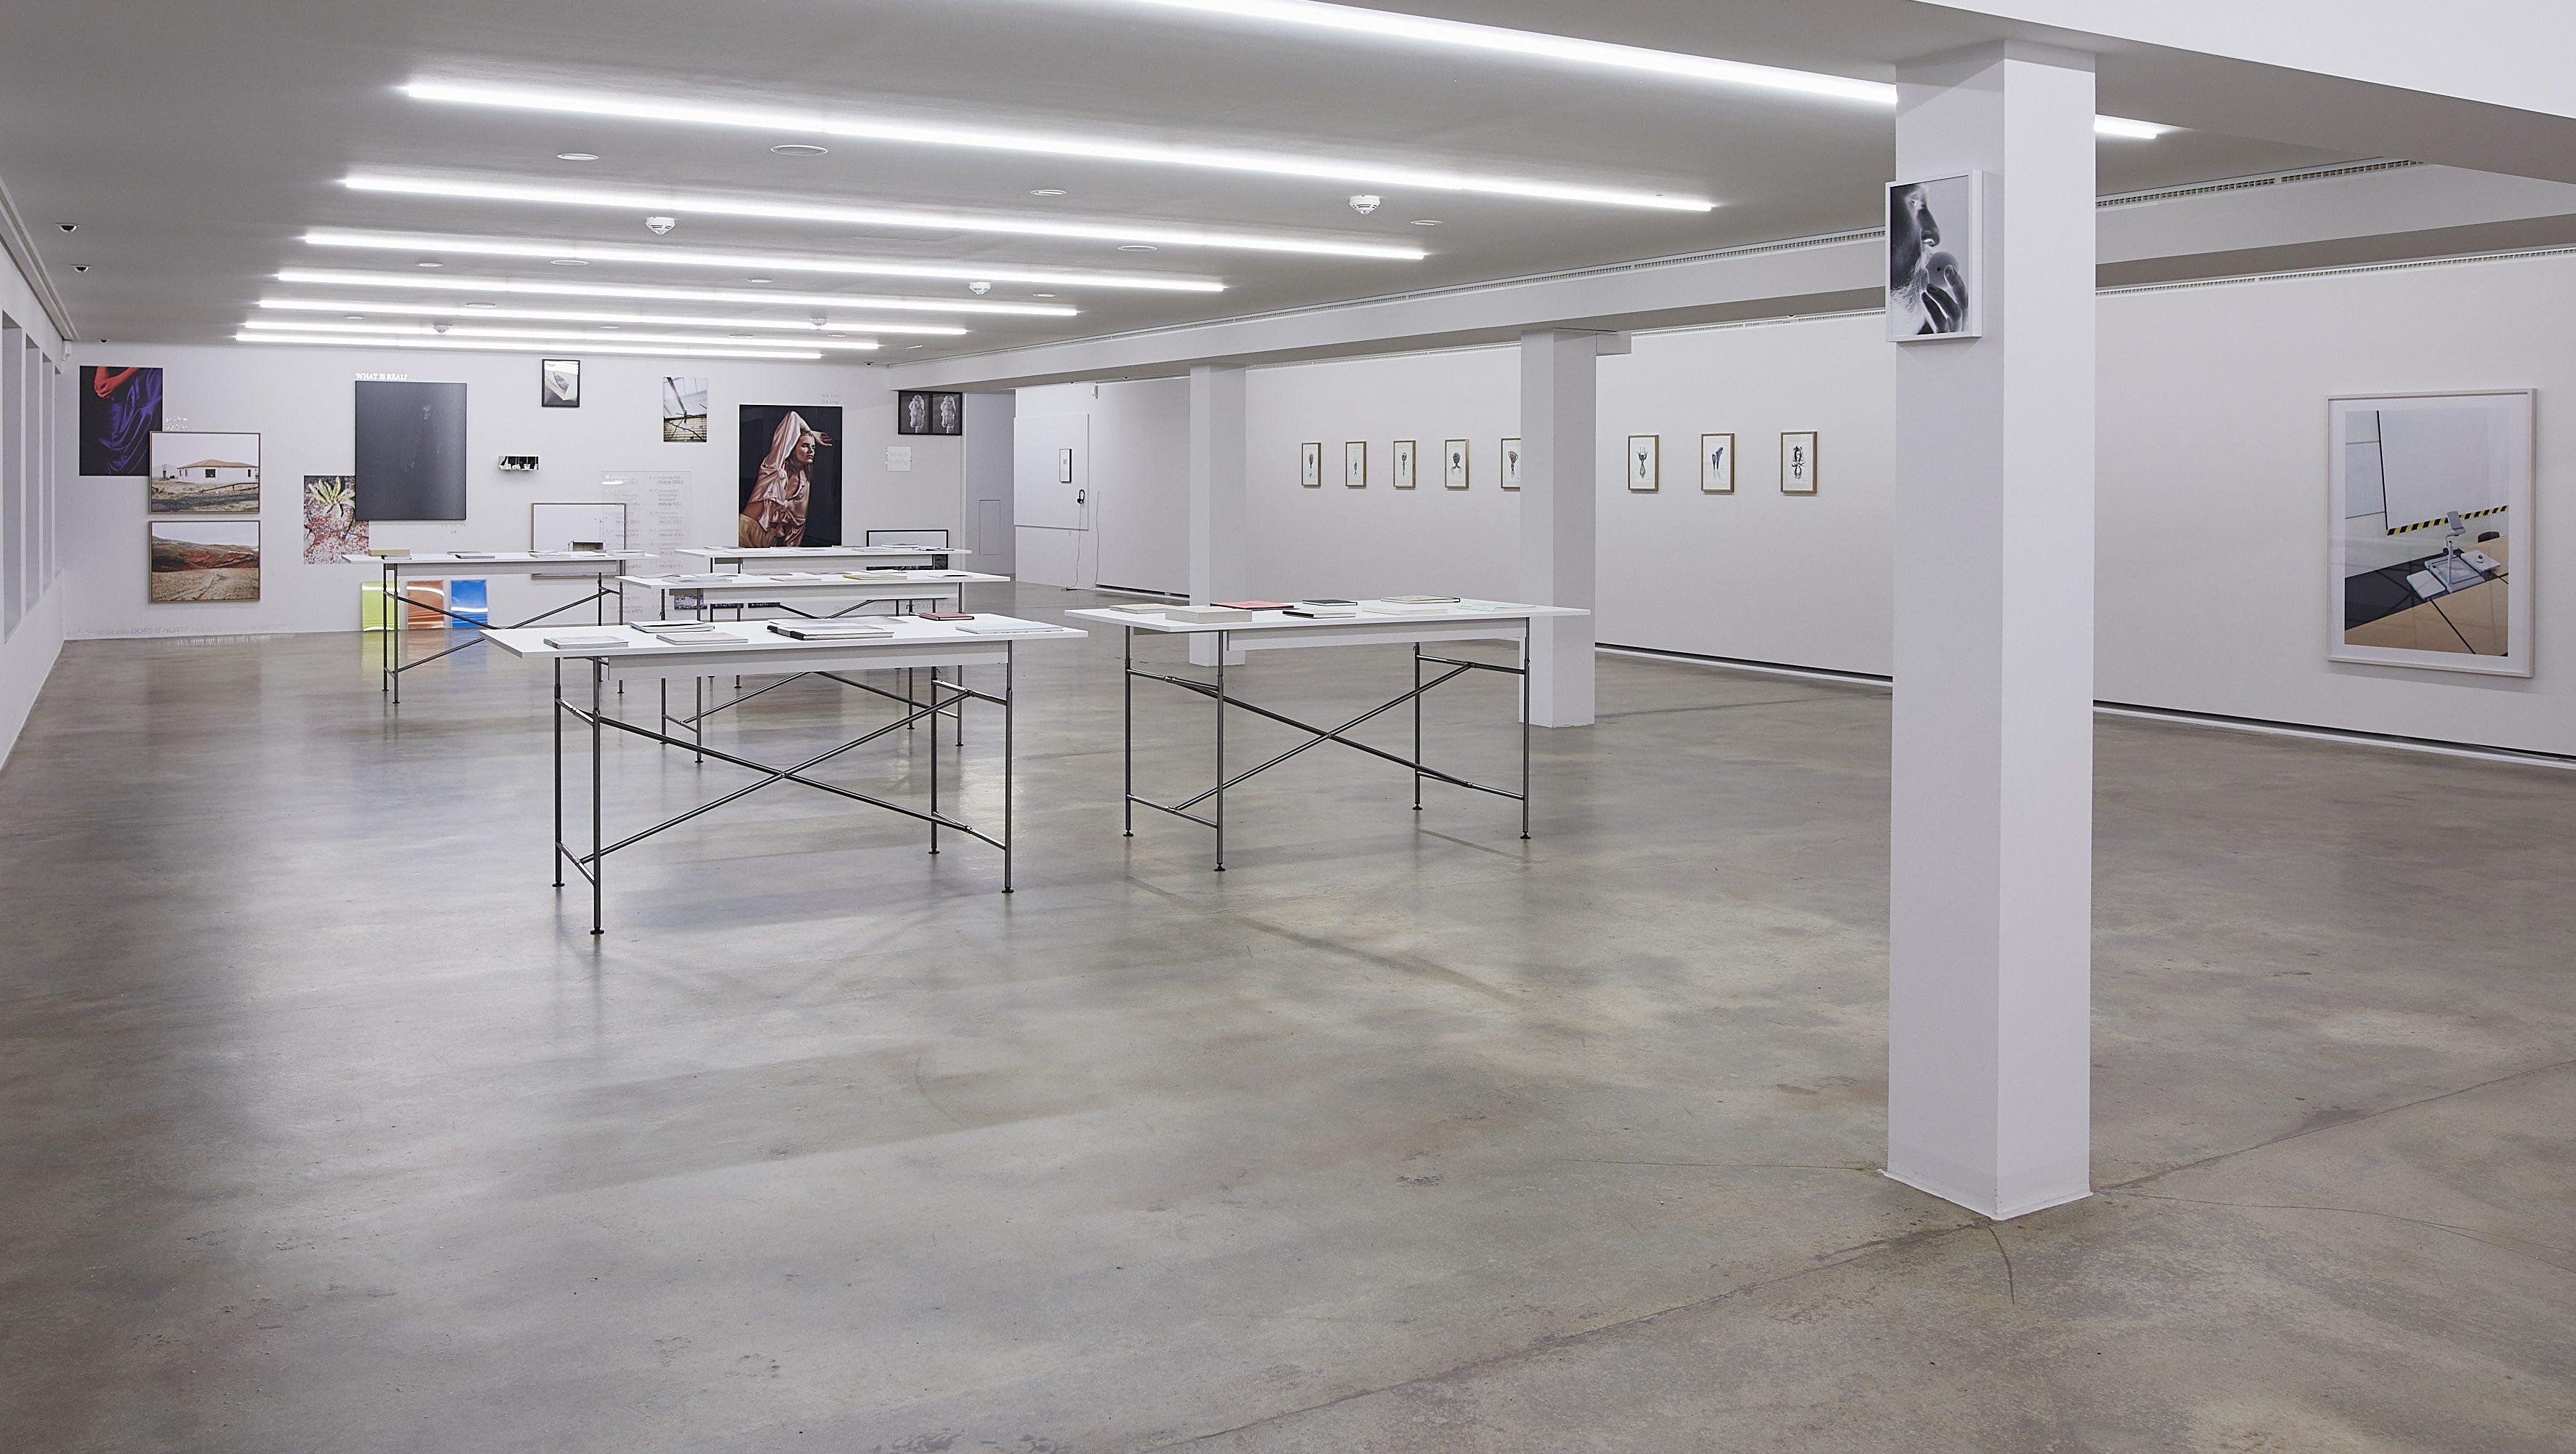 Raumansicht mit Arbeiten von Hanna Becker, Marcela Bolivar, Christine Steiner und der Buchausstellung